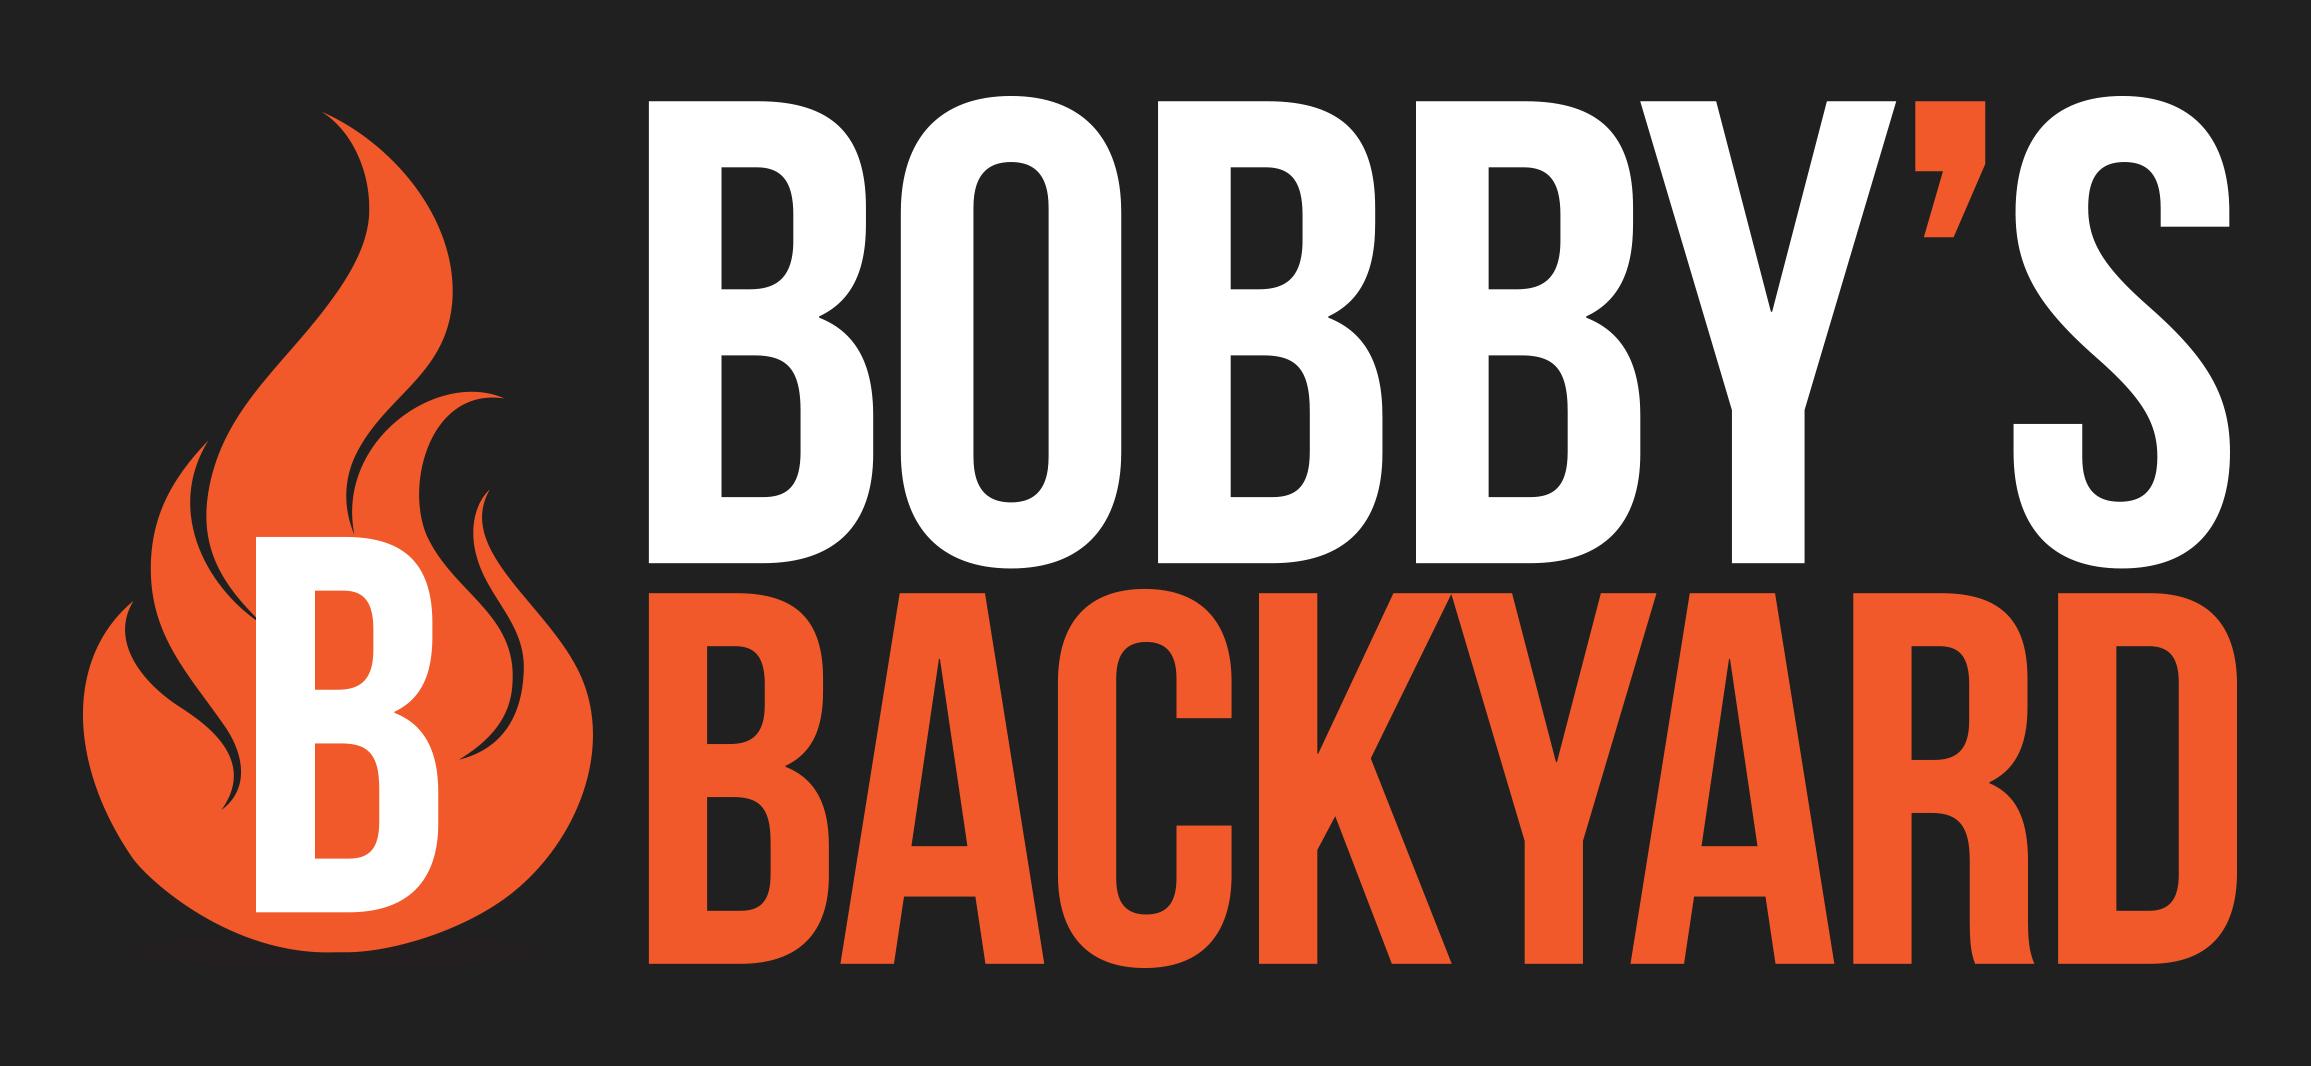 Bobby's Backyard - Logo Concept